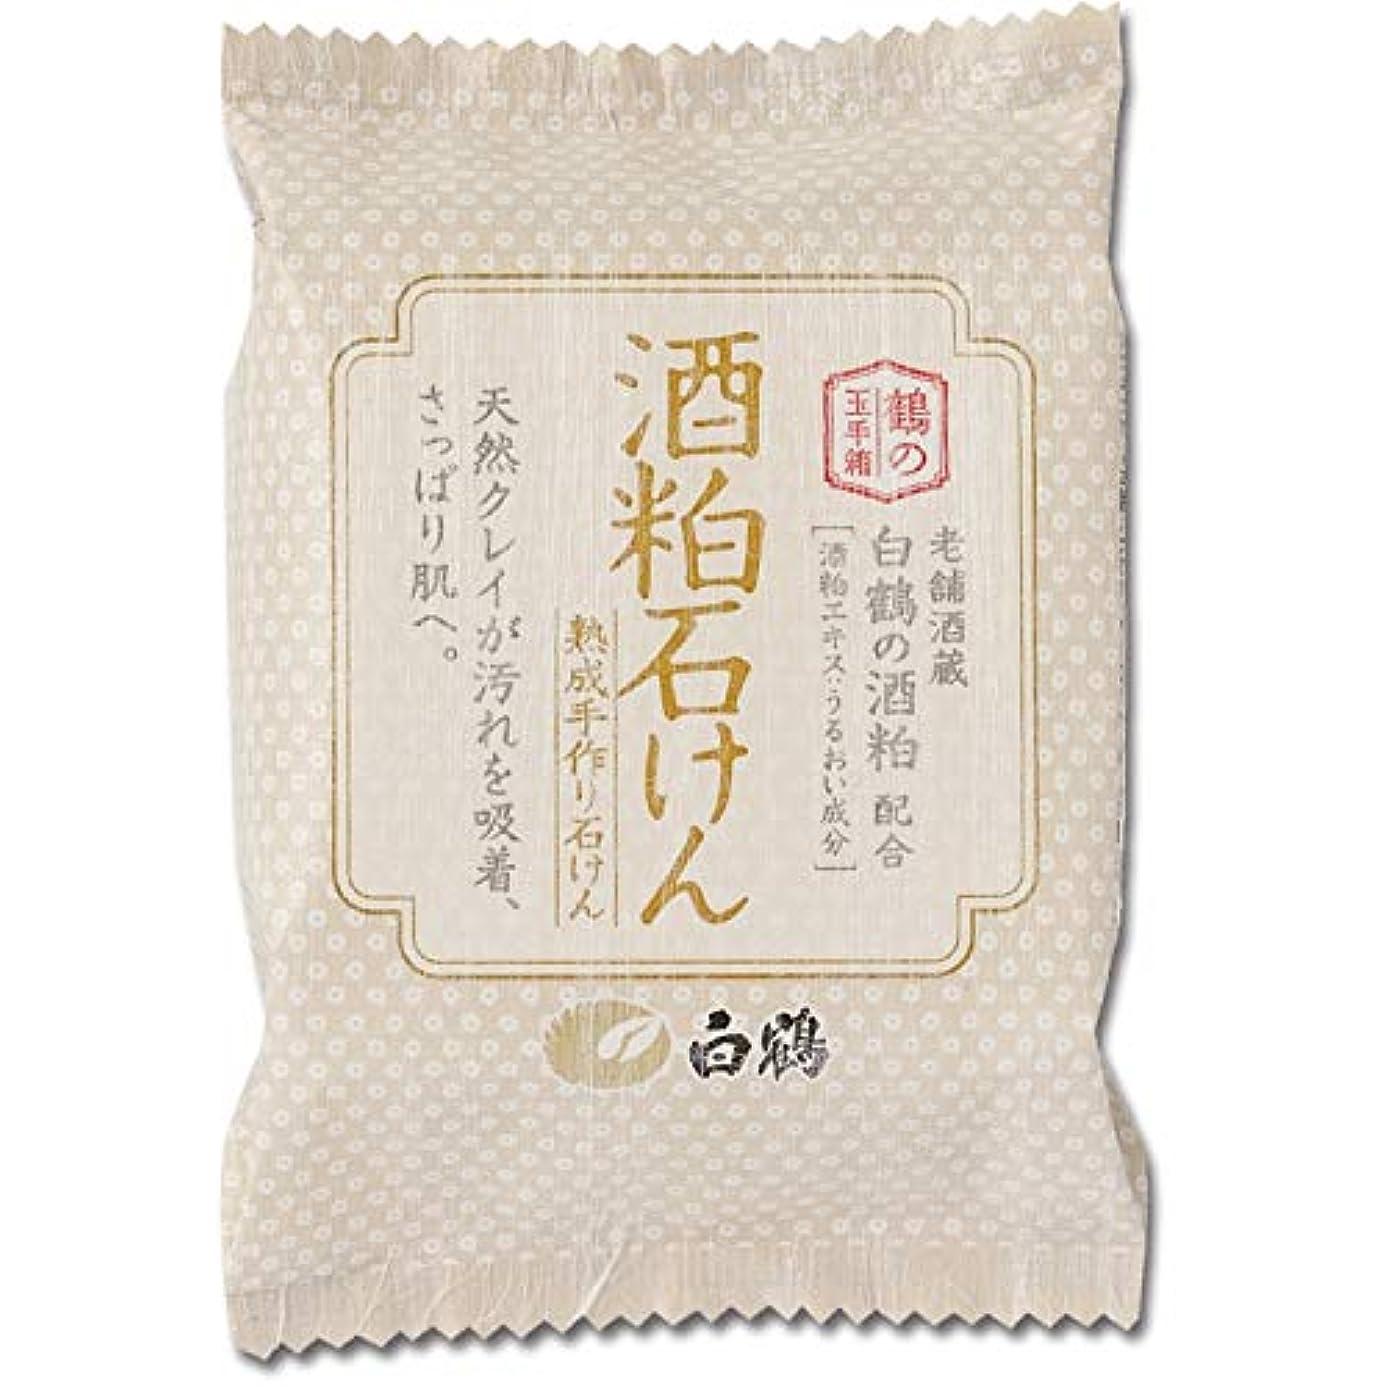 有効砲兵ピンチ白鶴 鶴の玉手箱 酒粕石けん 100g (全身用石鹸)